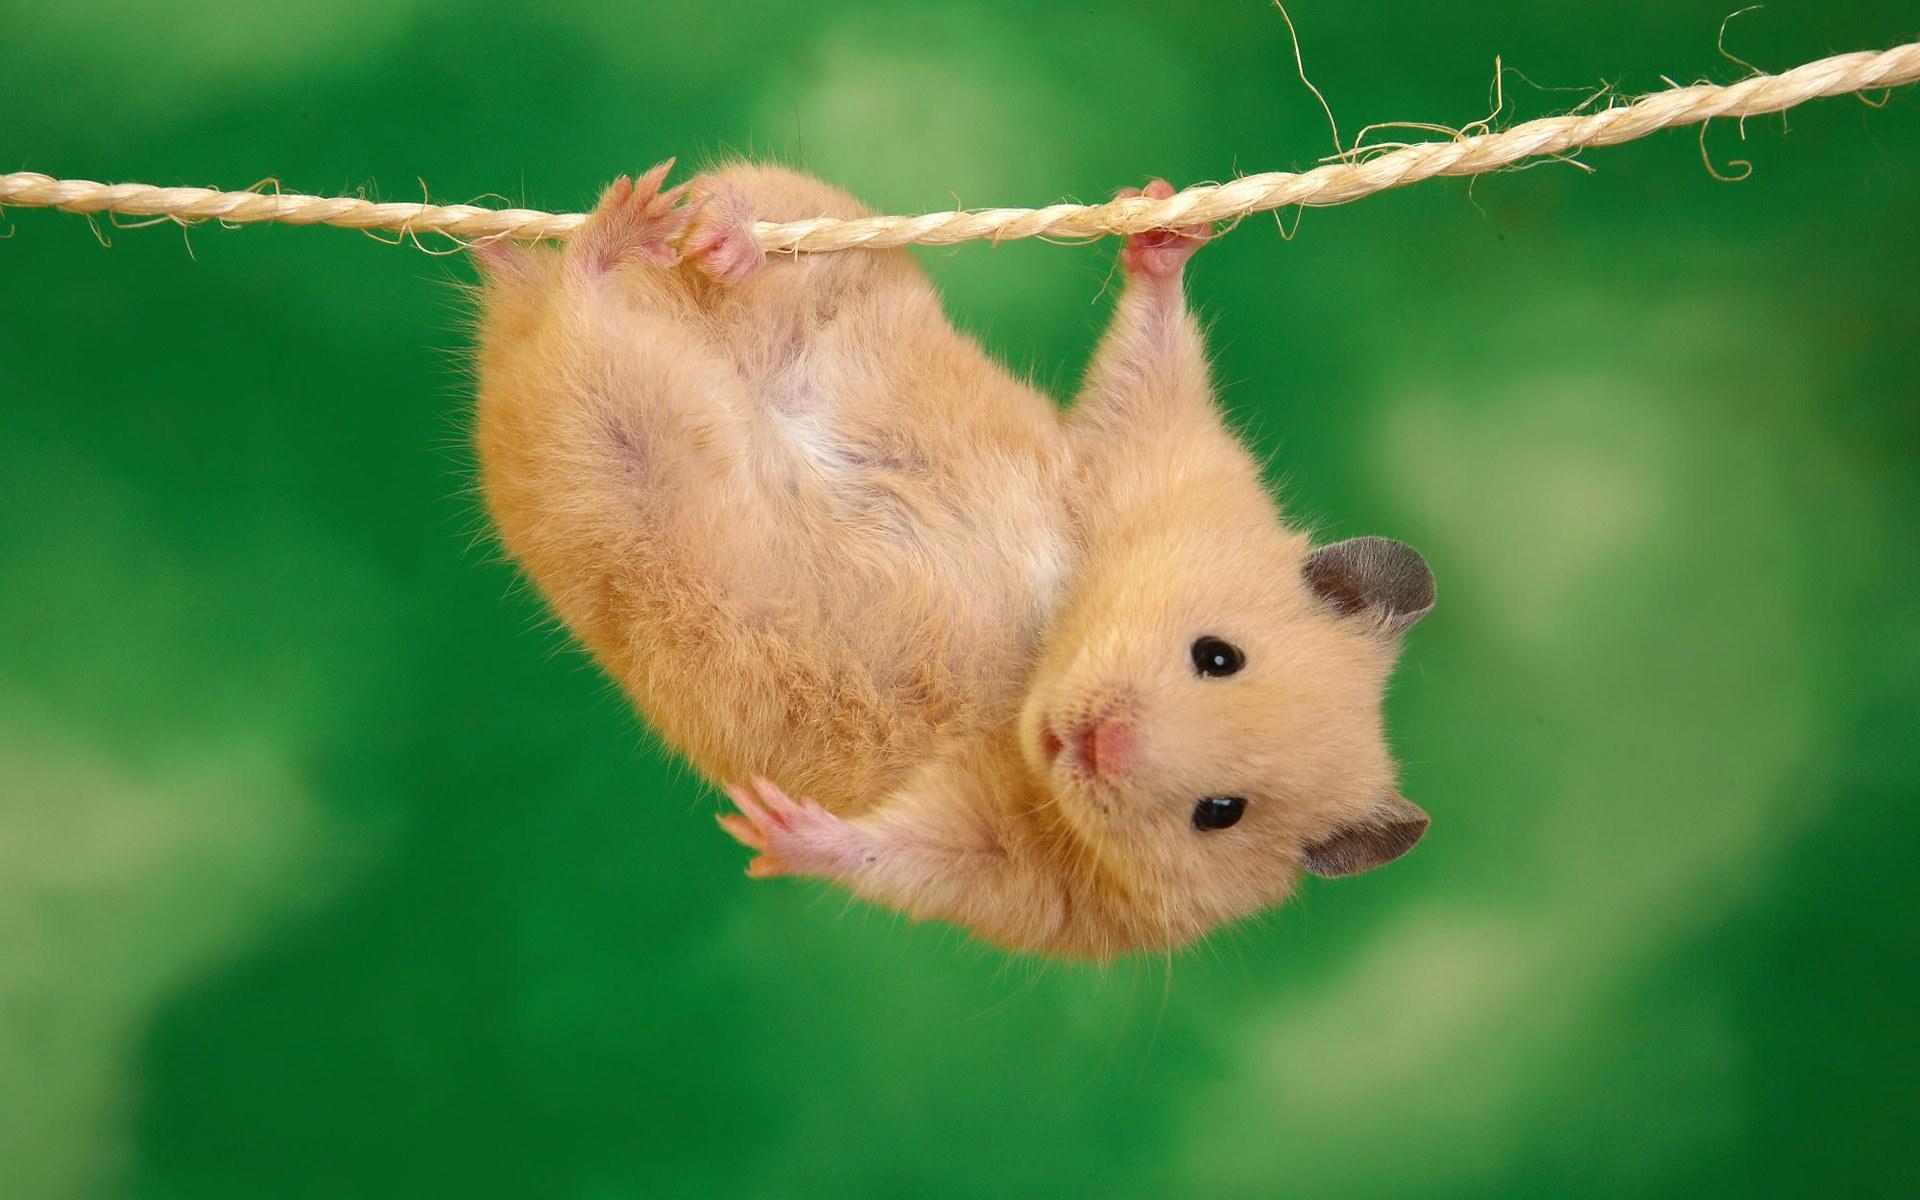 Acrobat mouse